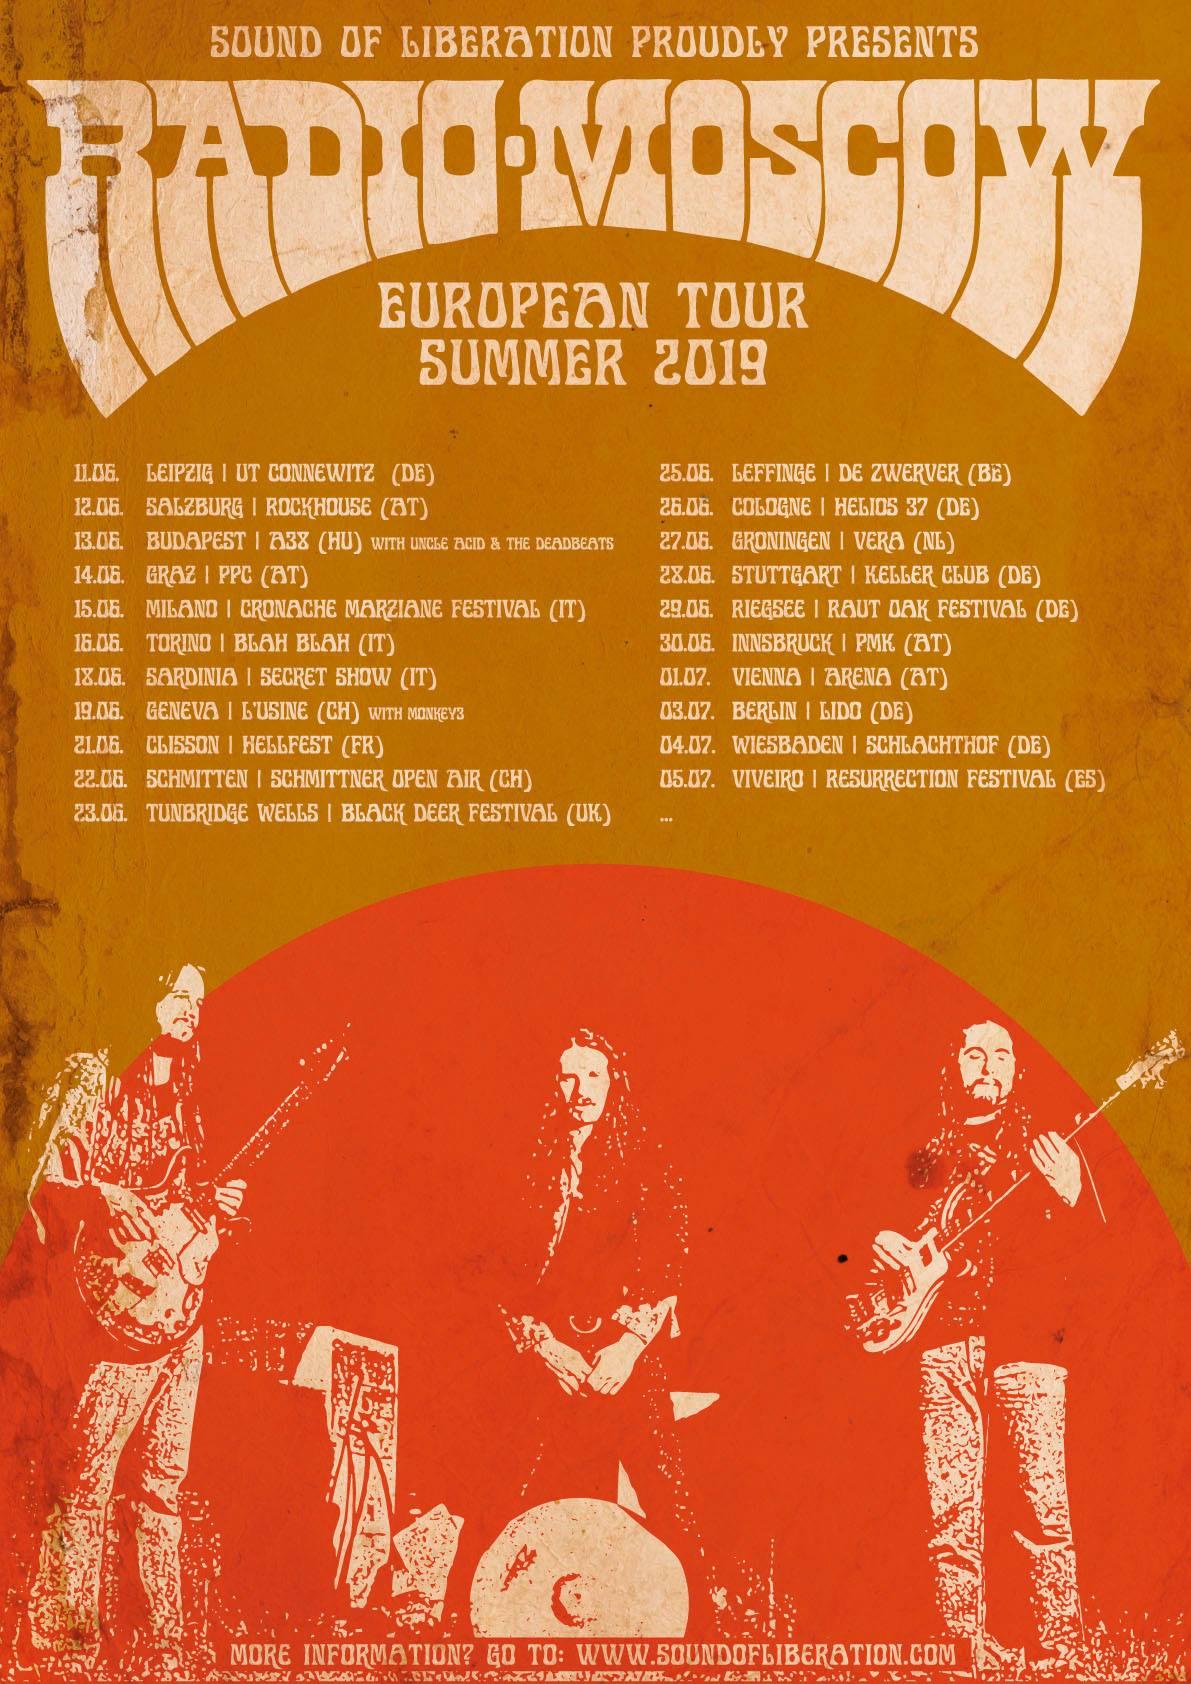 radio moscow tour